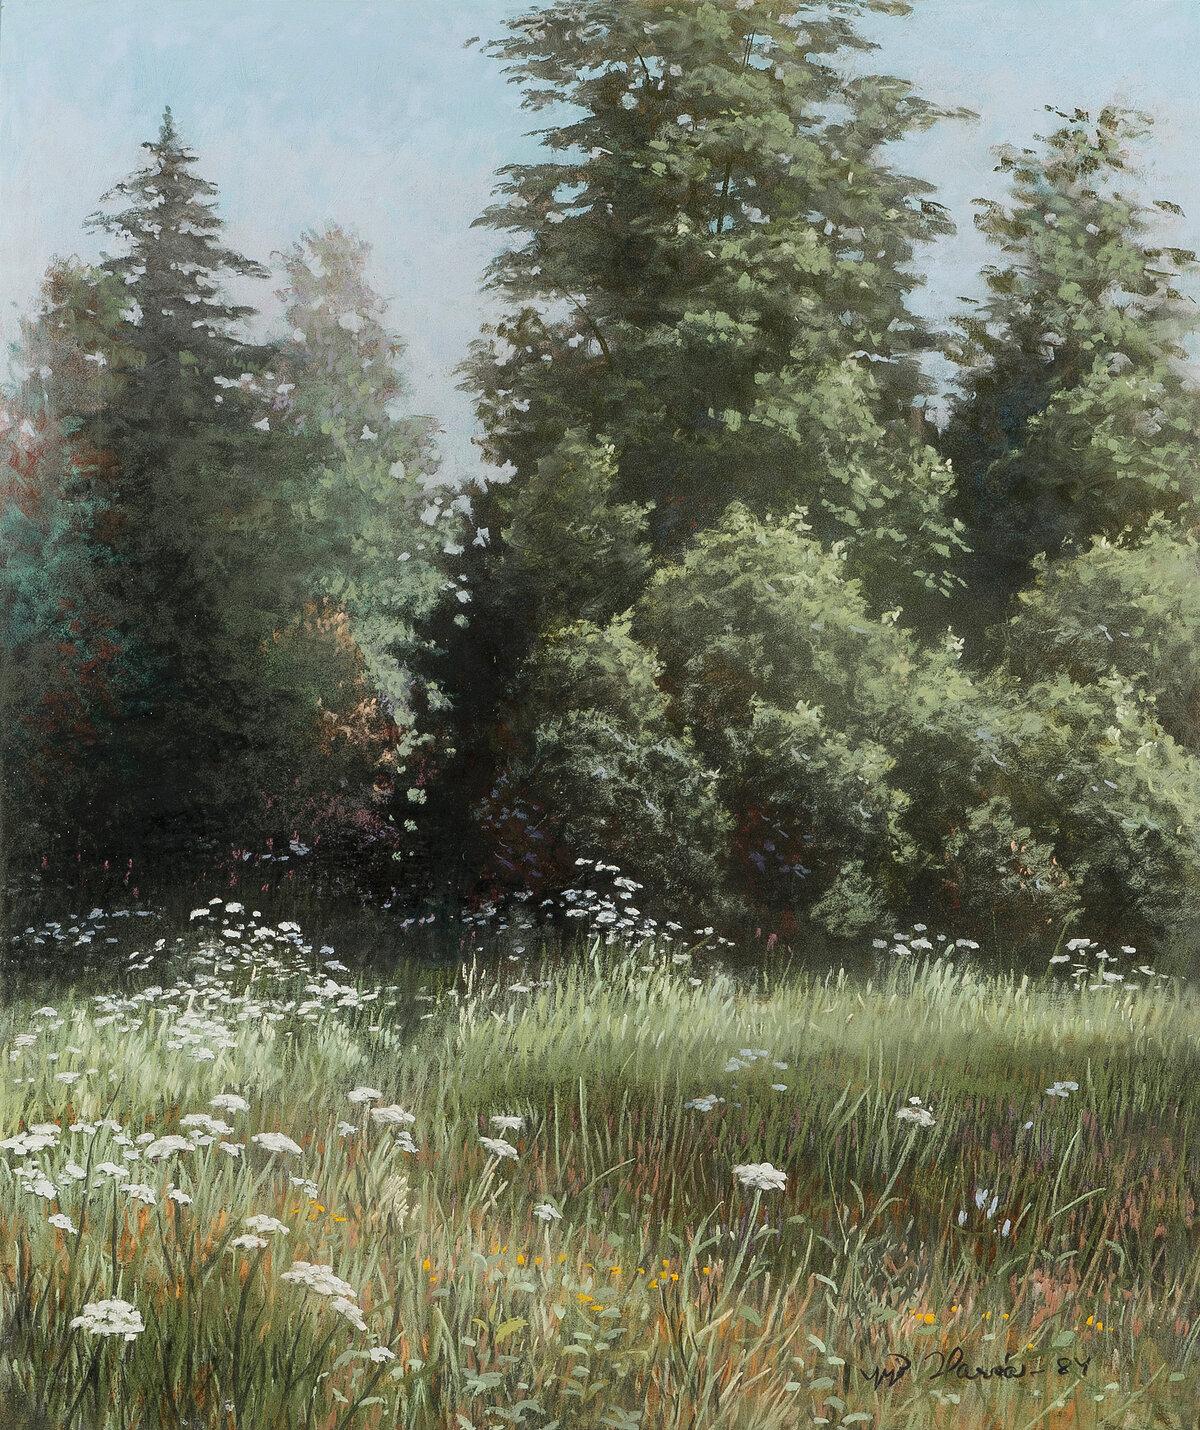 показалось, картина ручей в лесу шильдера конечно же, сильно